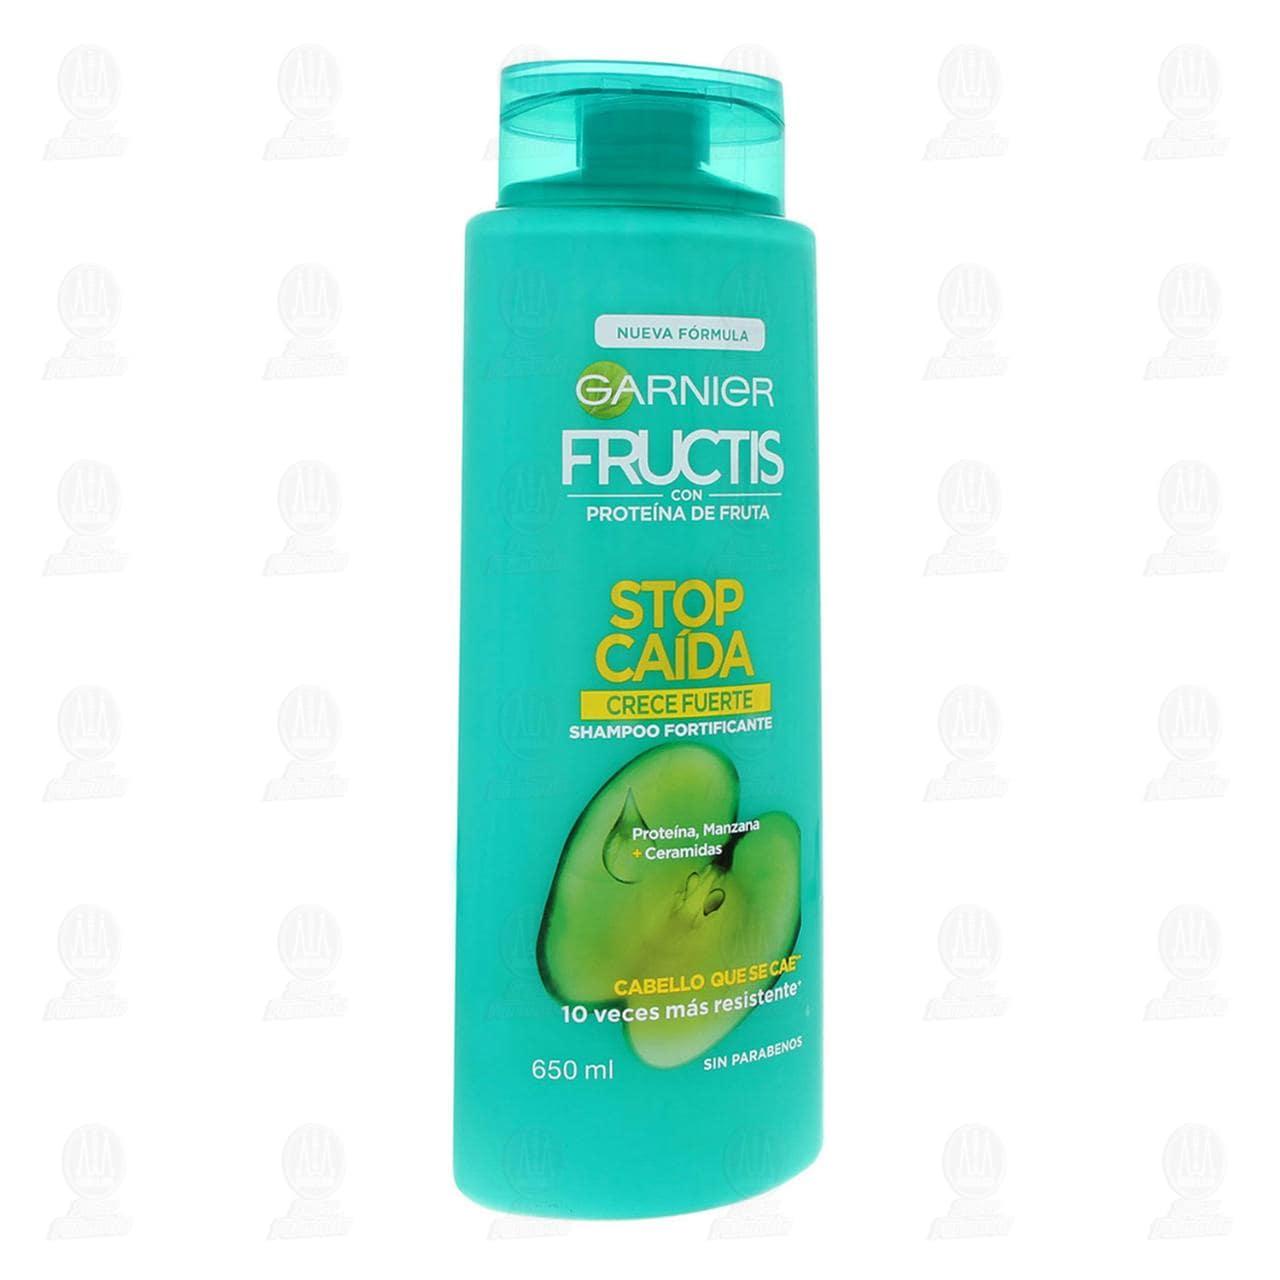 Comprar Shampoo Garnier Fructis Stop Caída Crece Fuerte, 650 ml. en Farmacias Guadalajara